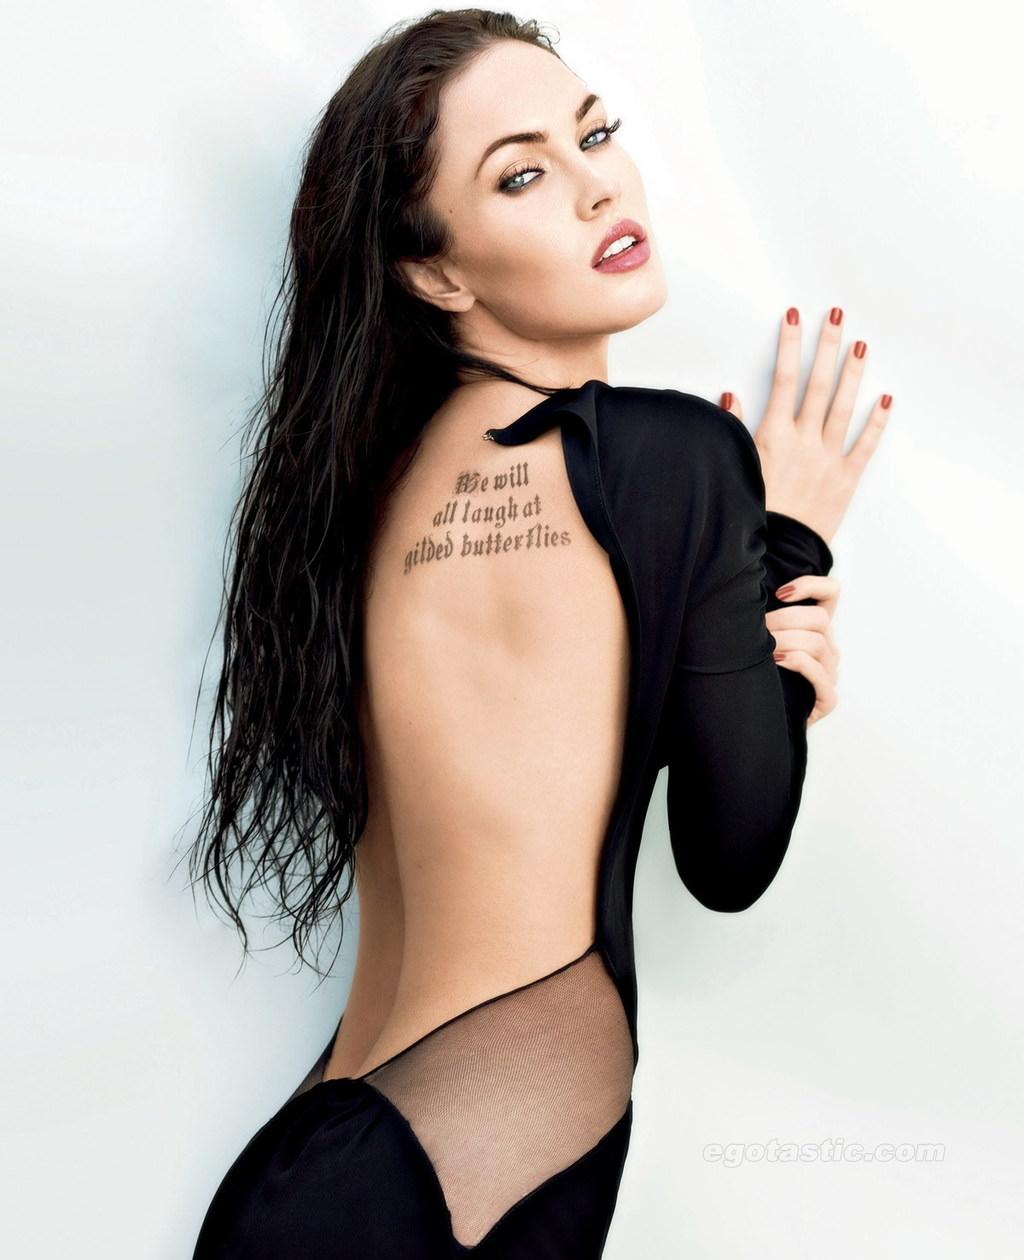 Меган фокс 18 бисексуальна